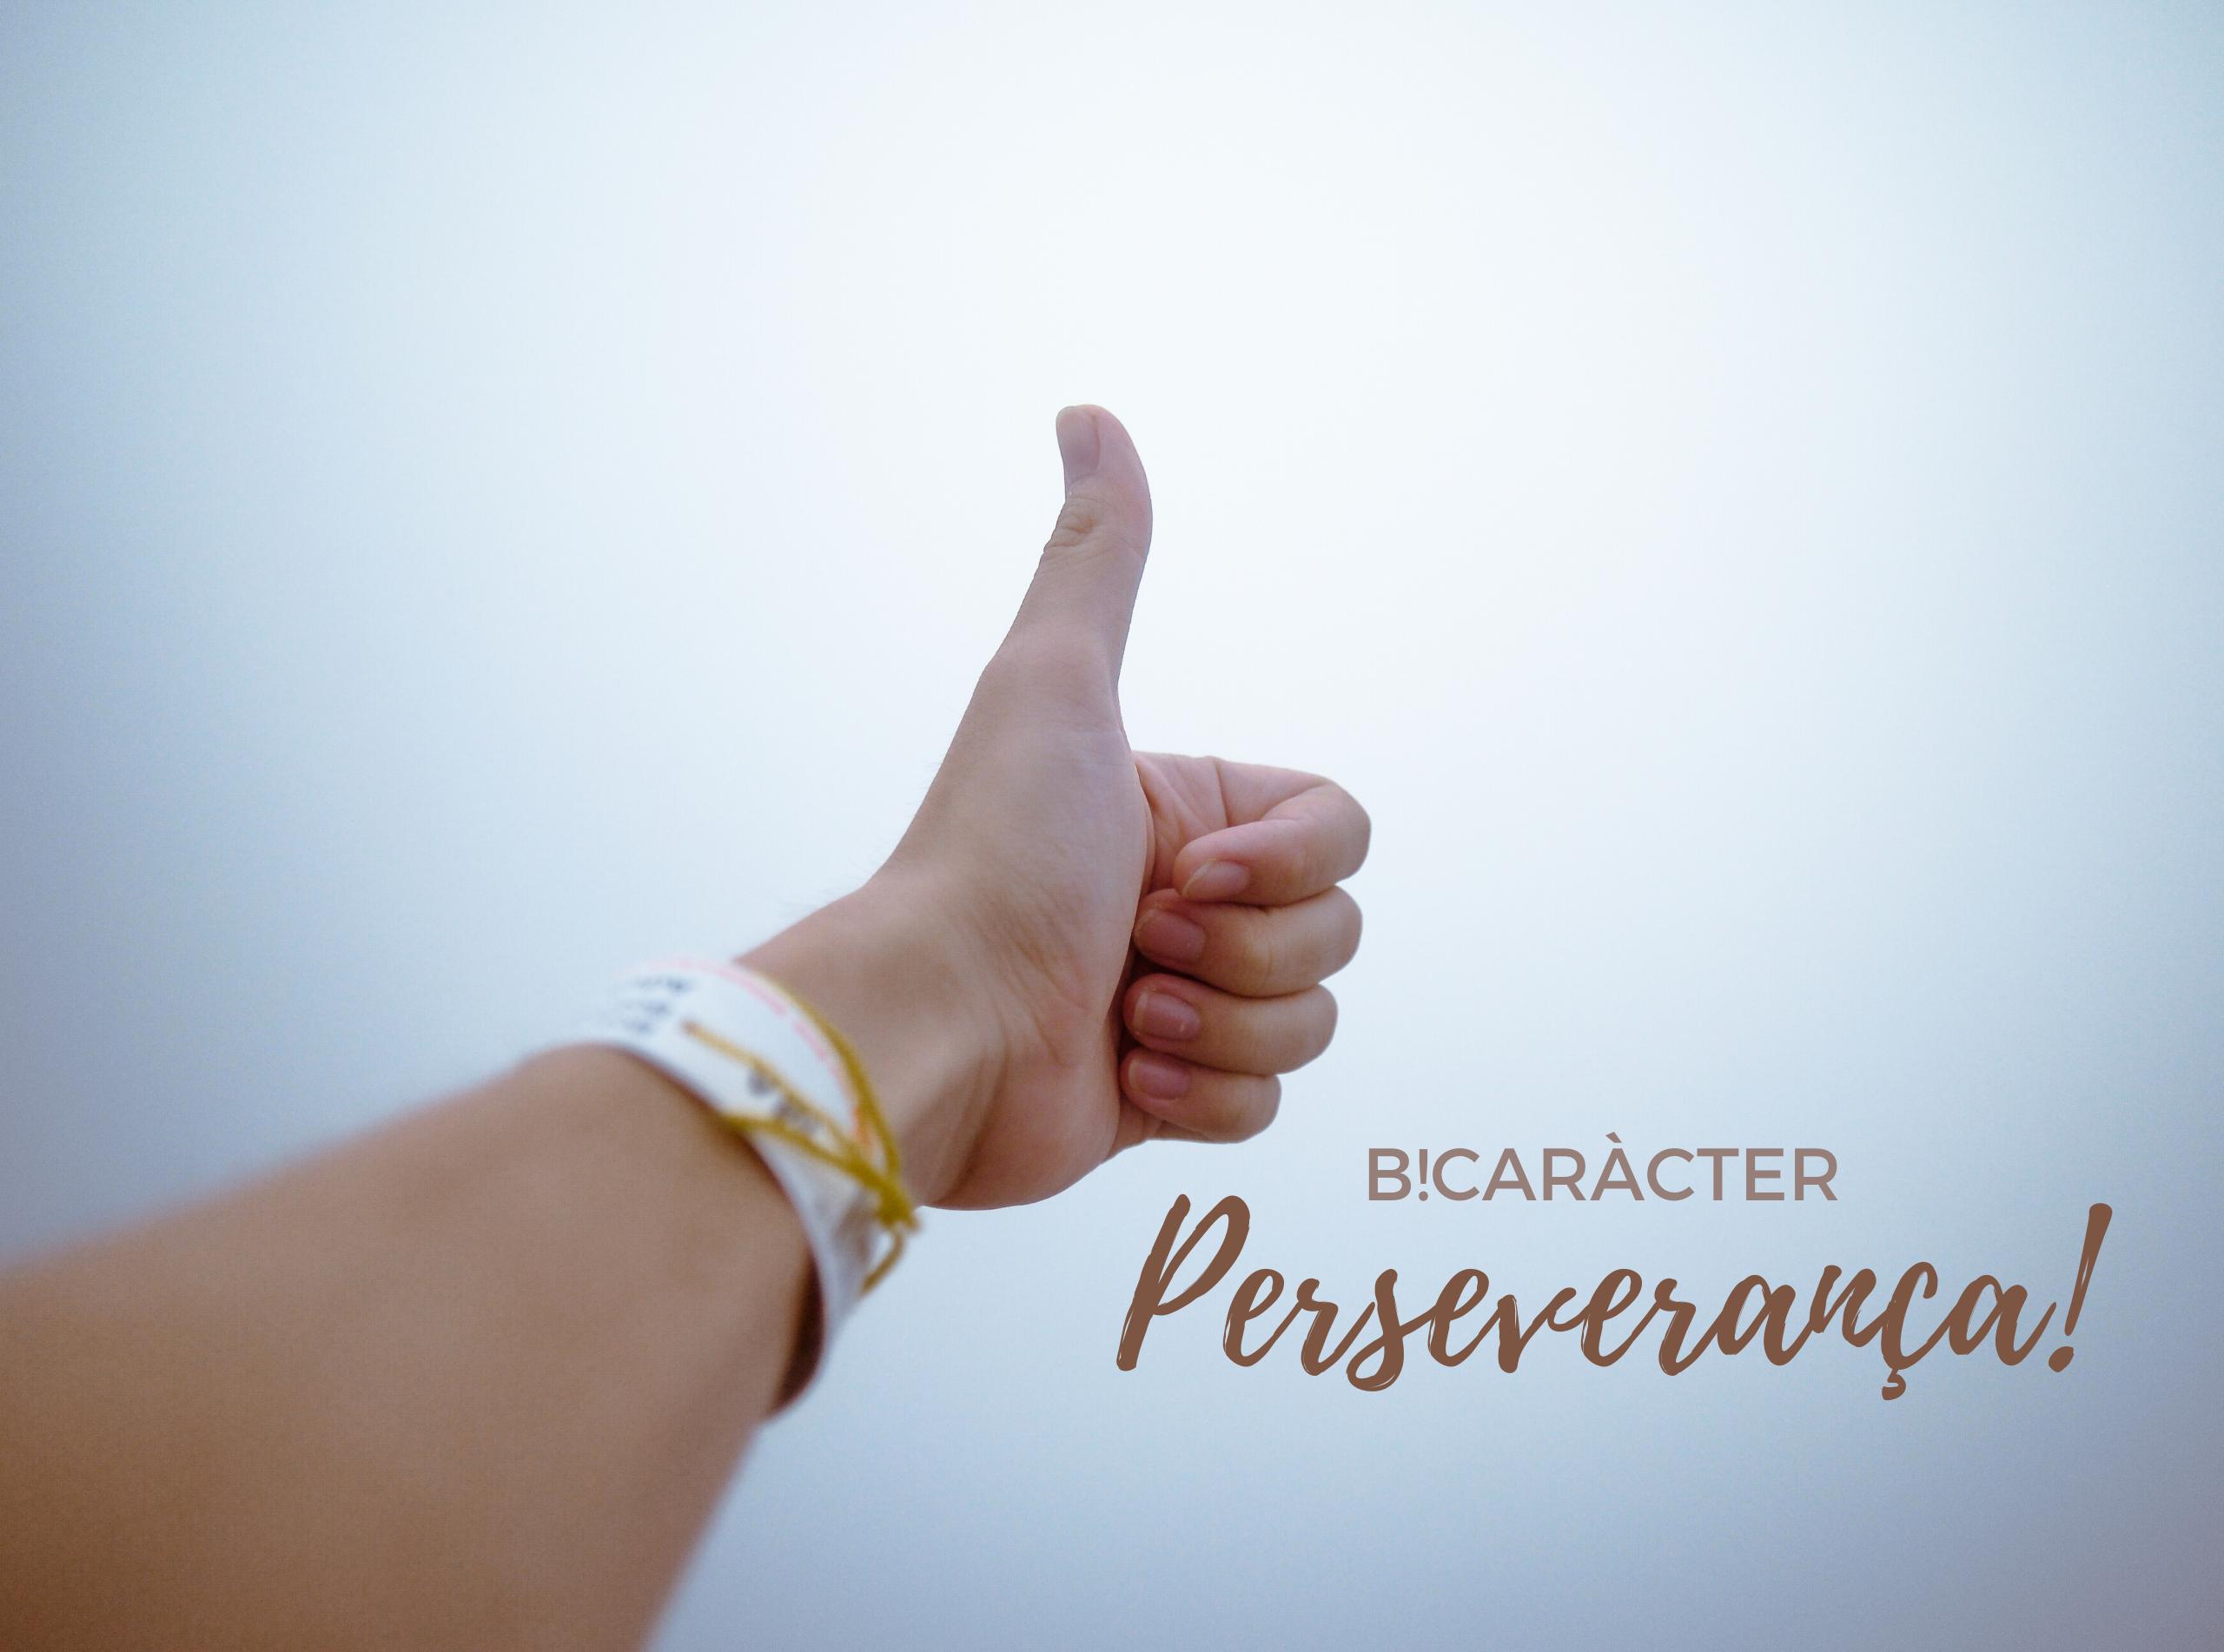 Consells per enfortir la perseverança durant el confinament